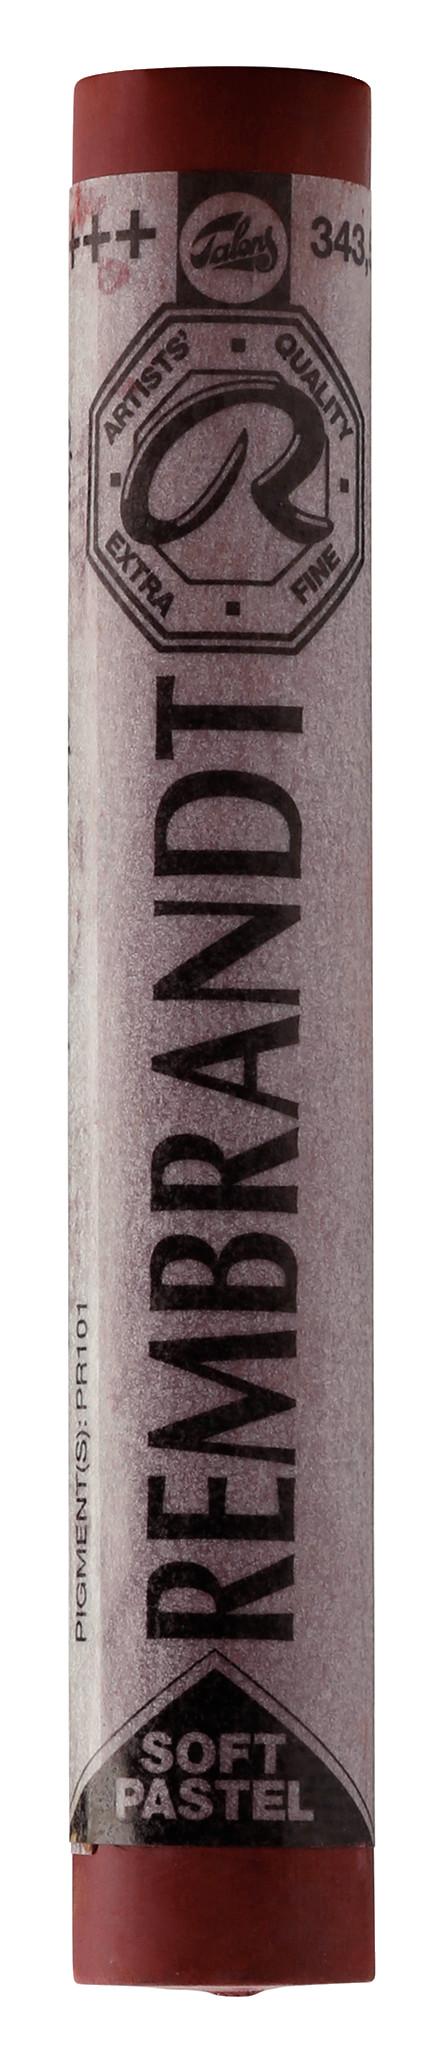 Rembrandt Soft Pastel Round Full Stick Caput Mortuum Violet(5) (343.5)